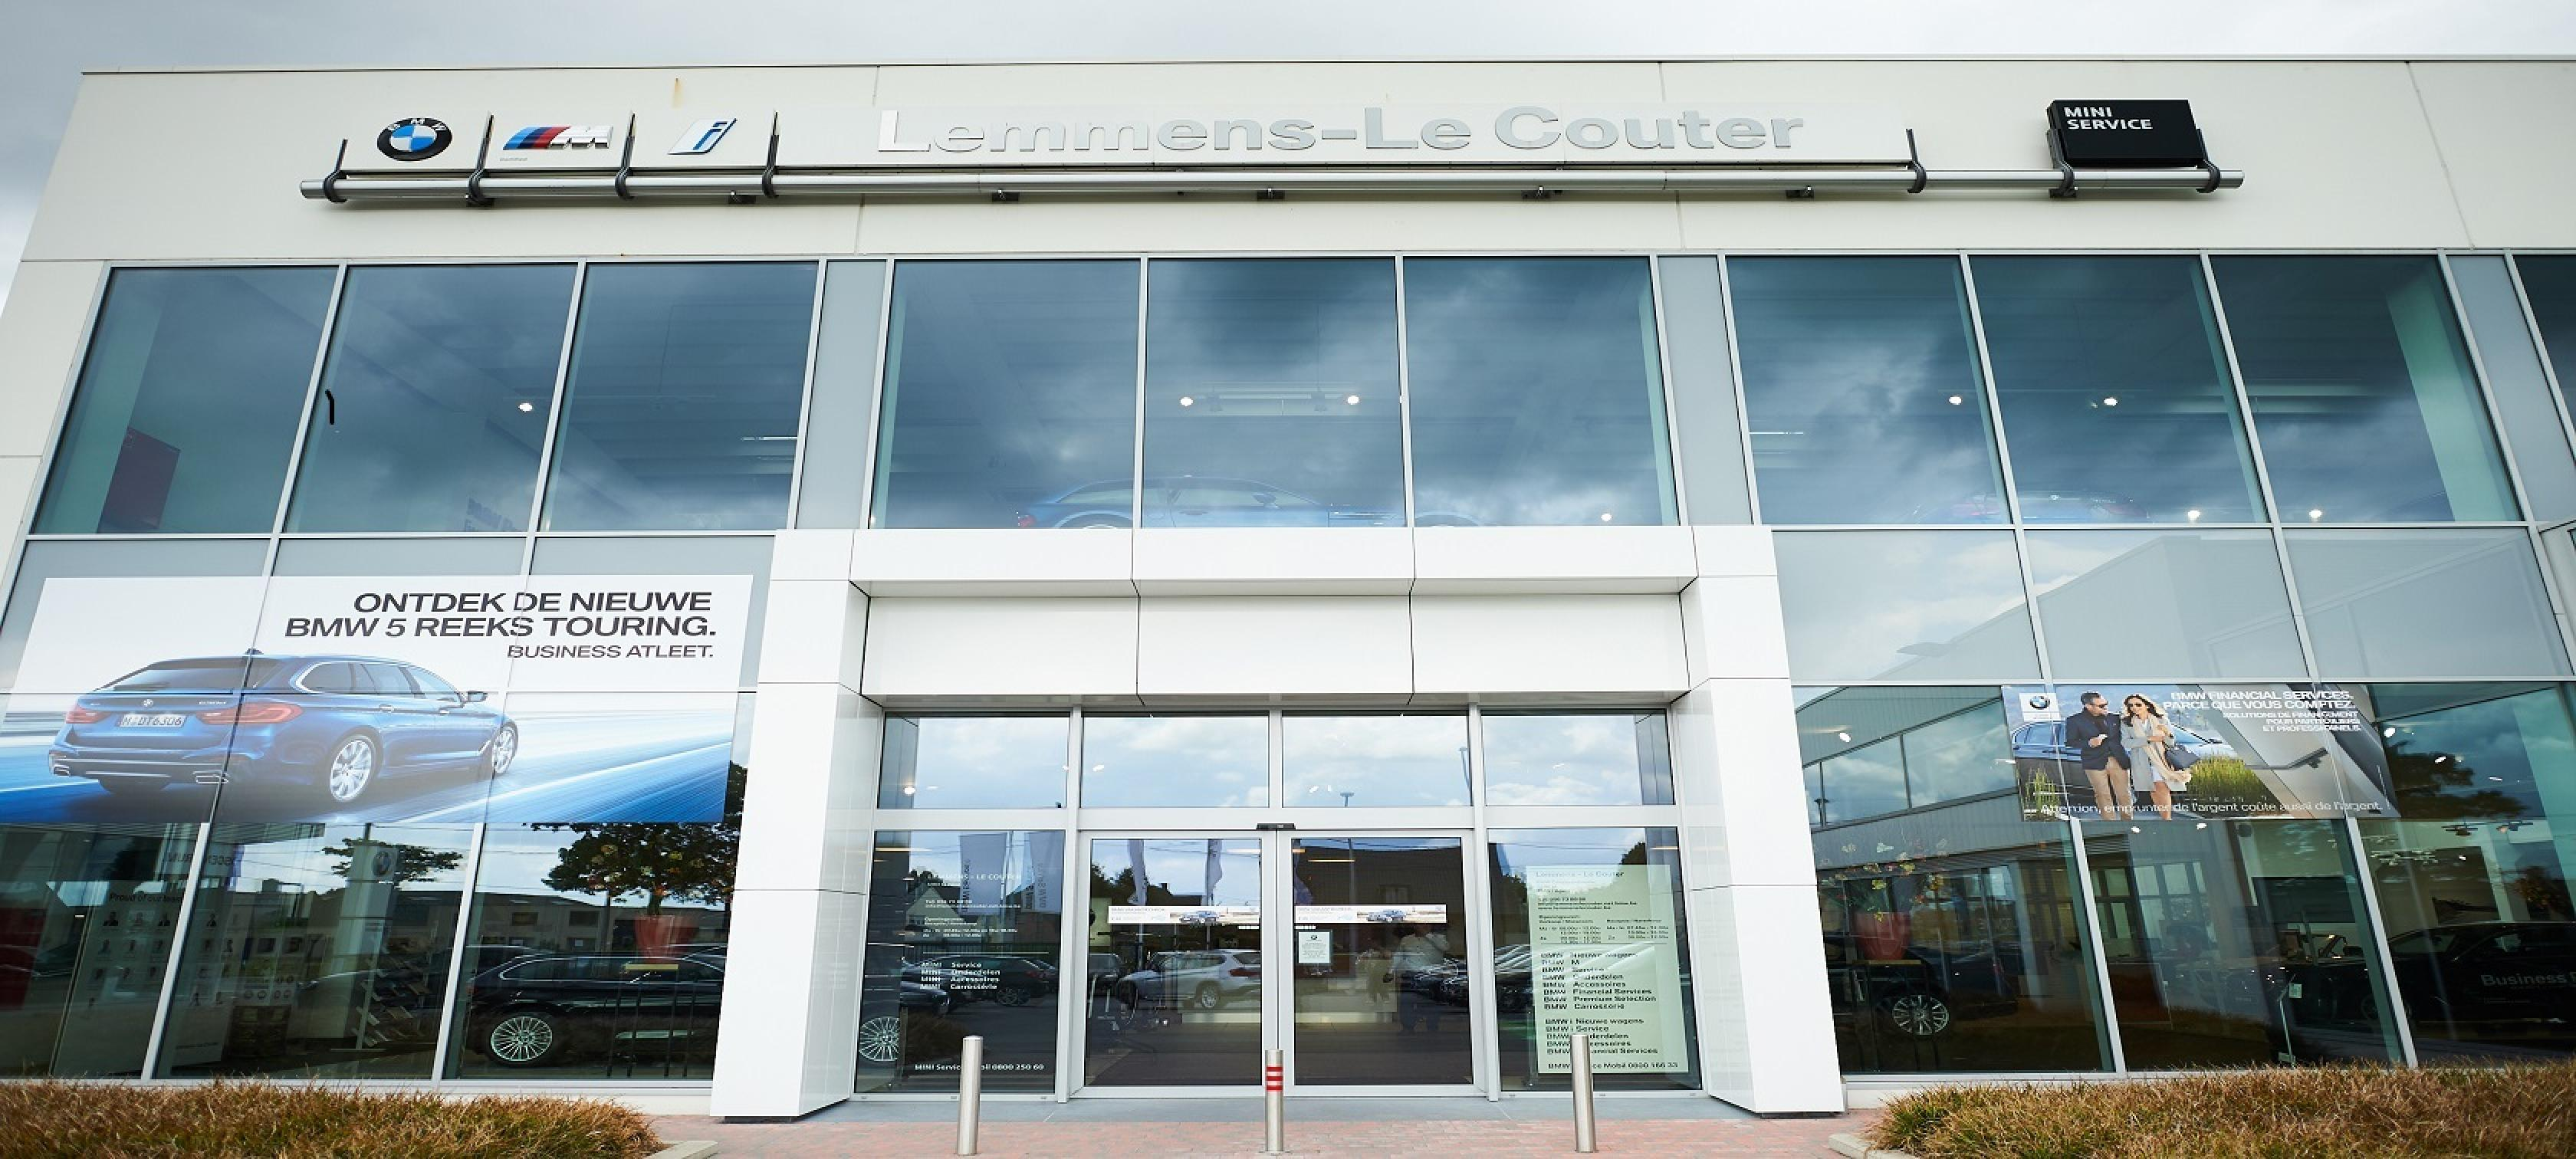 Afspraak met BMW Lemmens-Lecouter